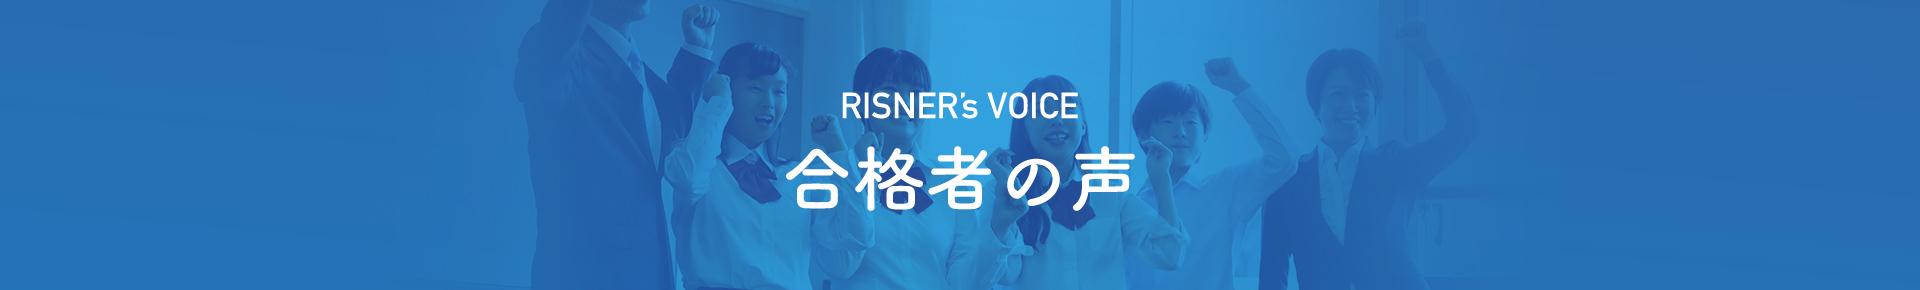 合格者の声